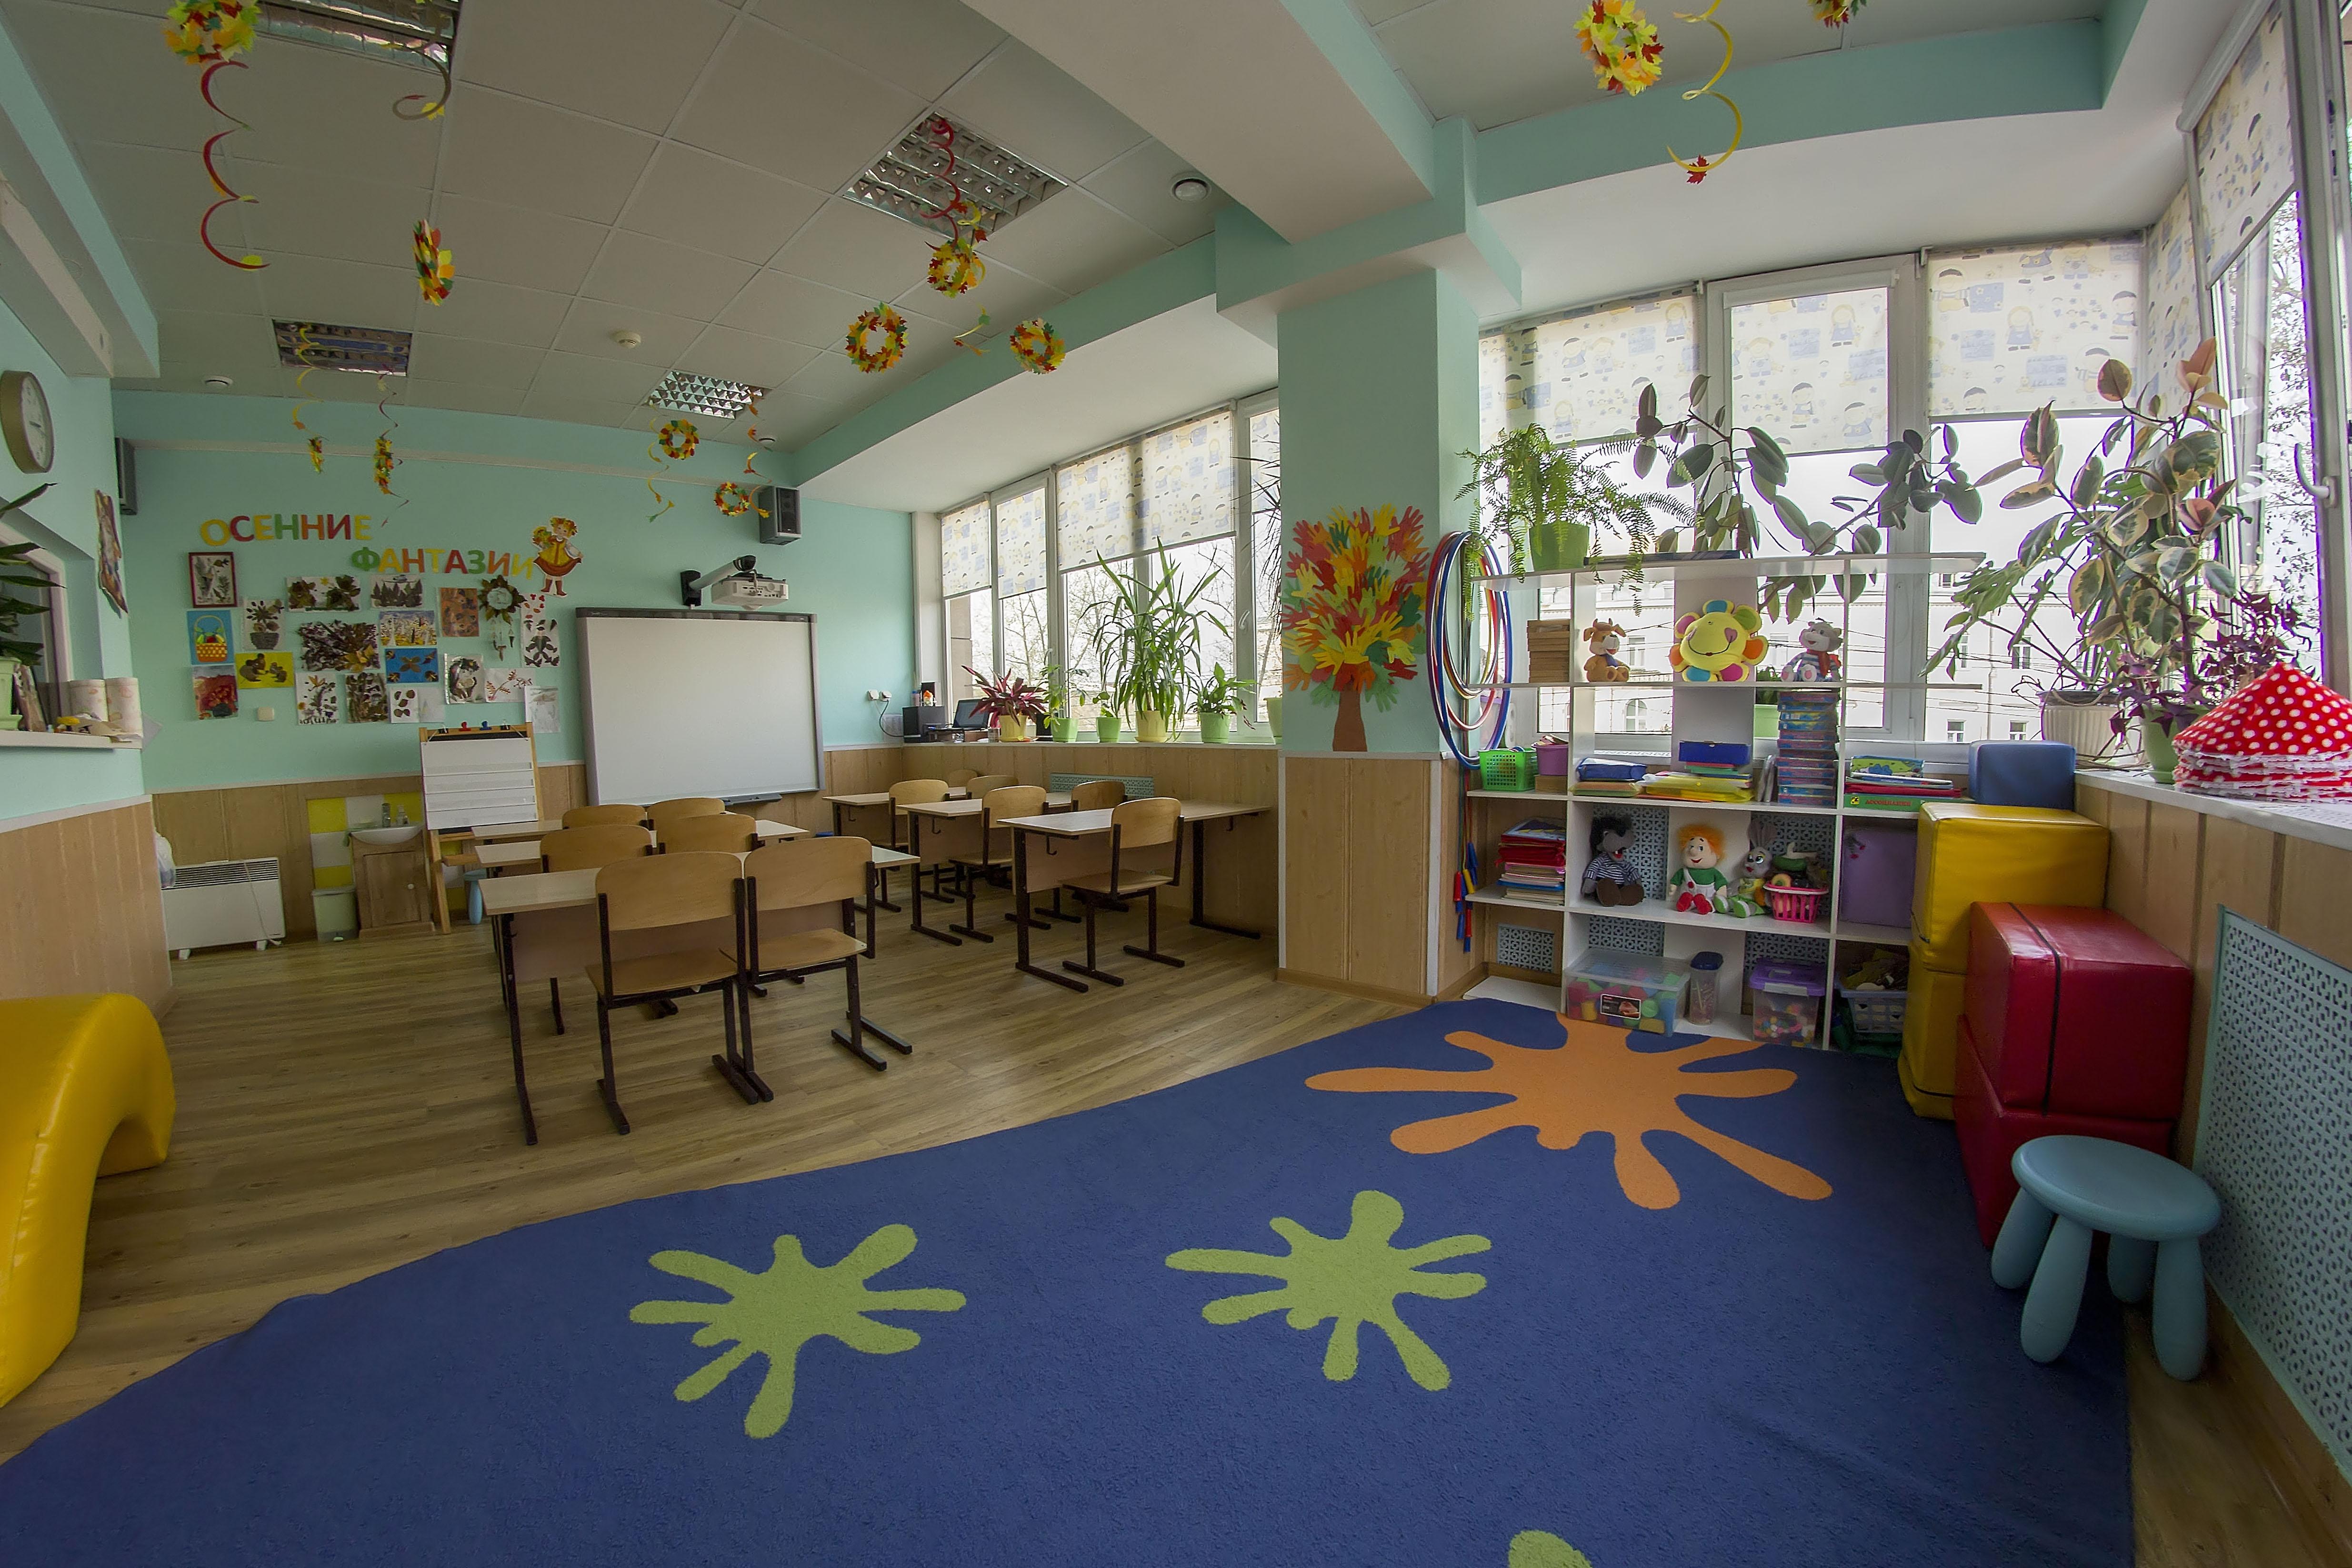 Центр материнства и детства на советской Иркутск